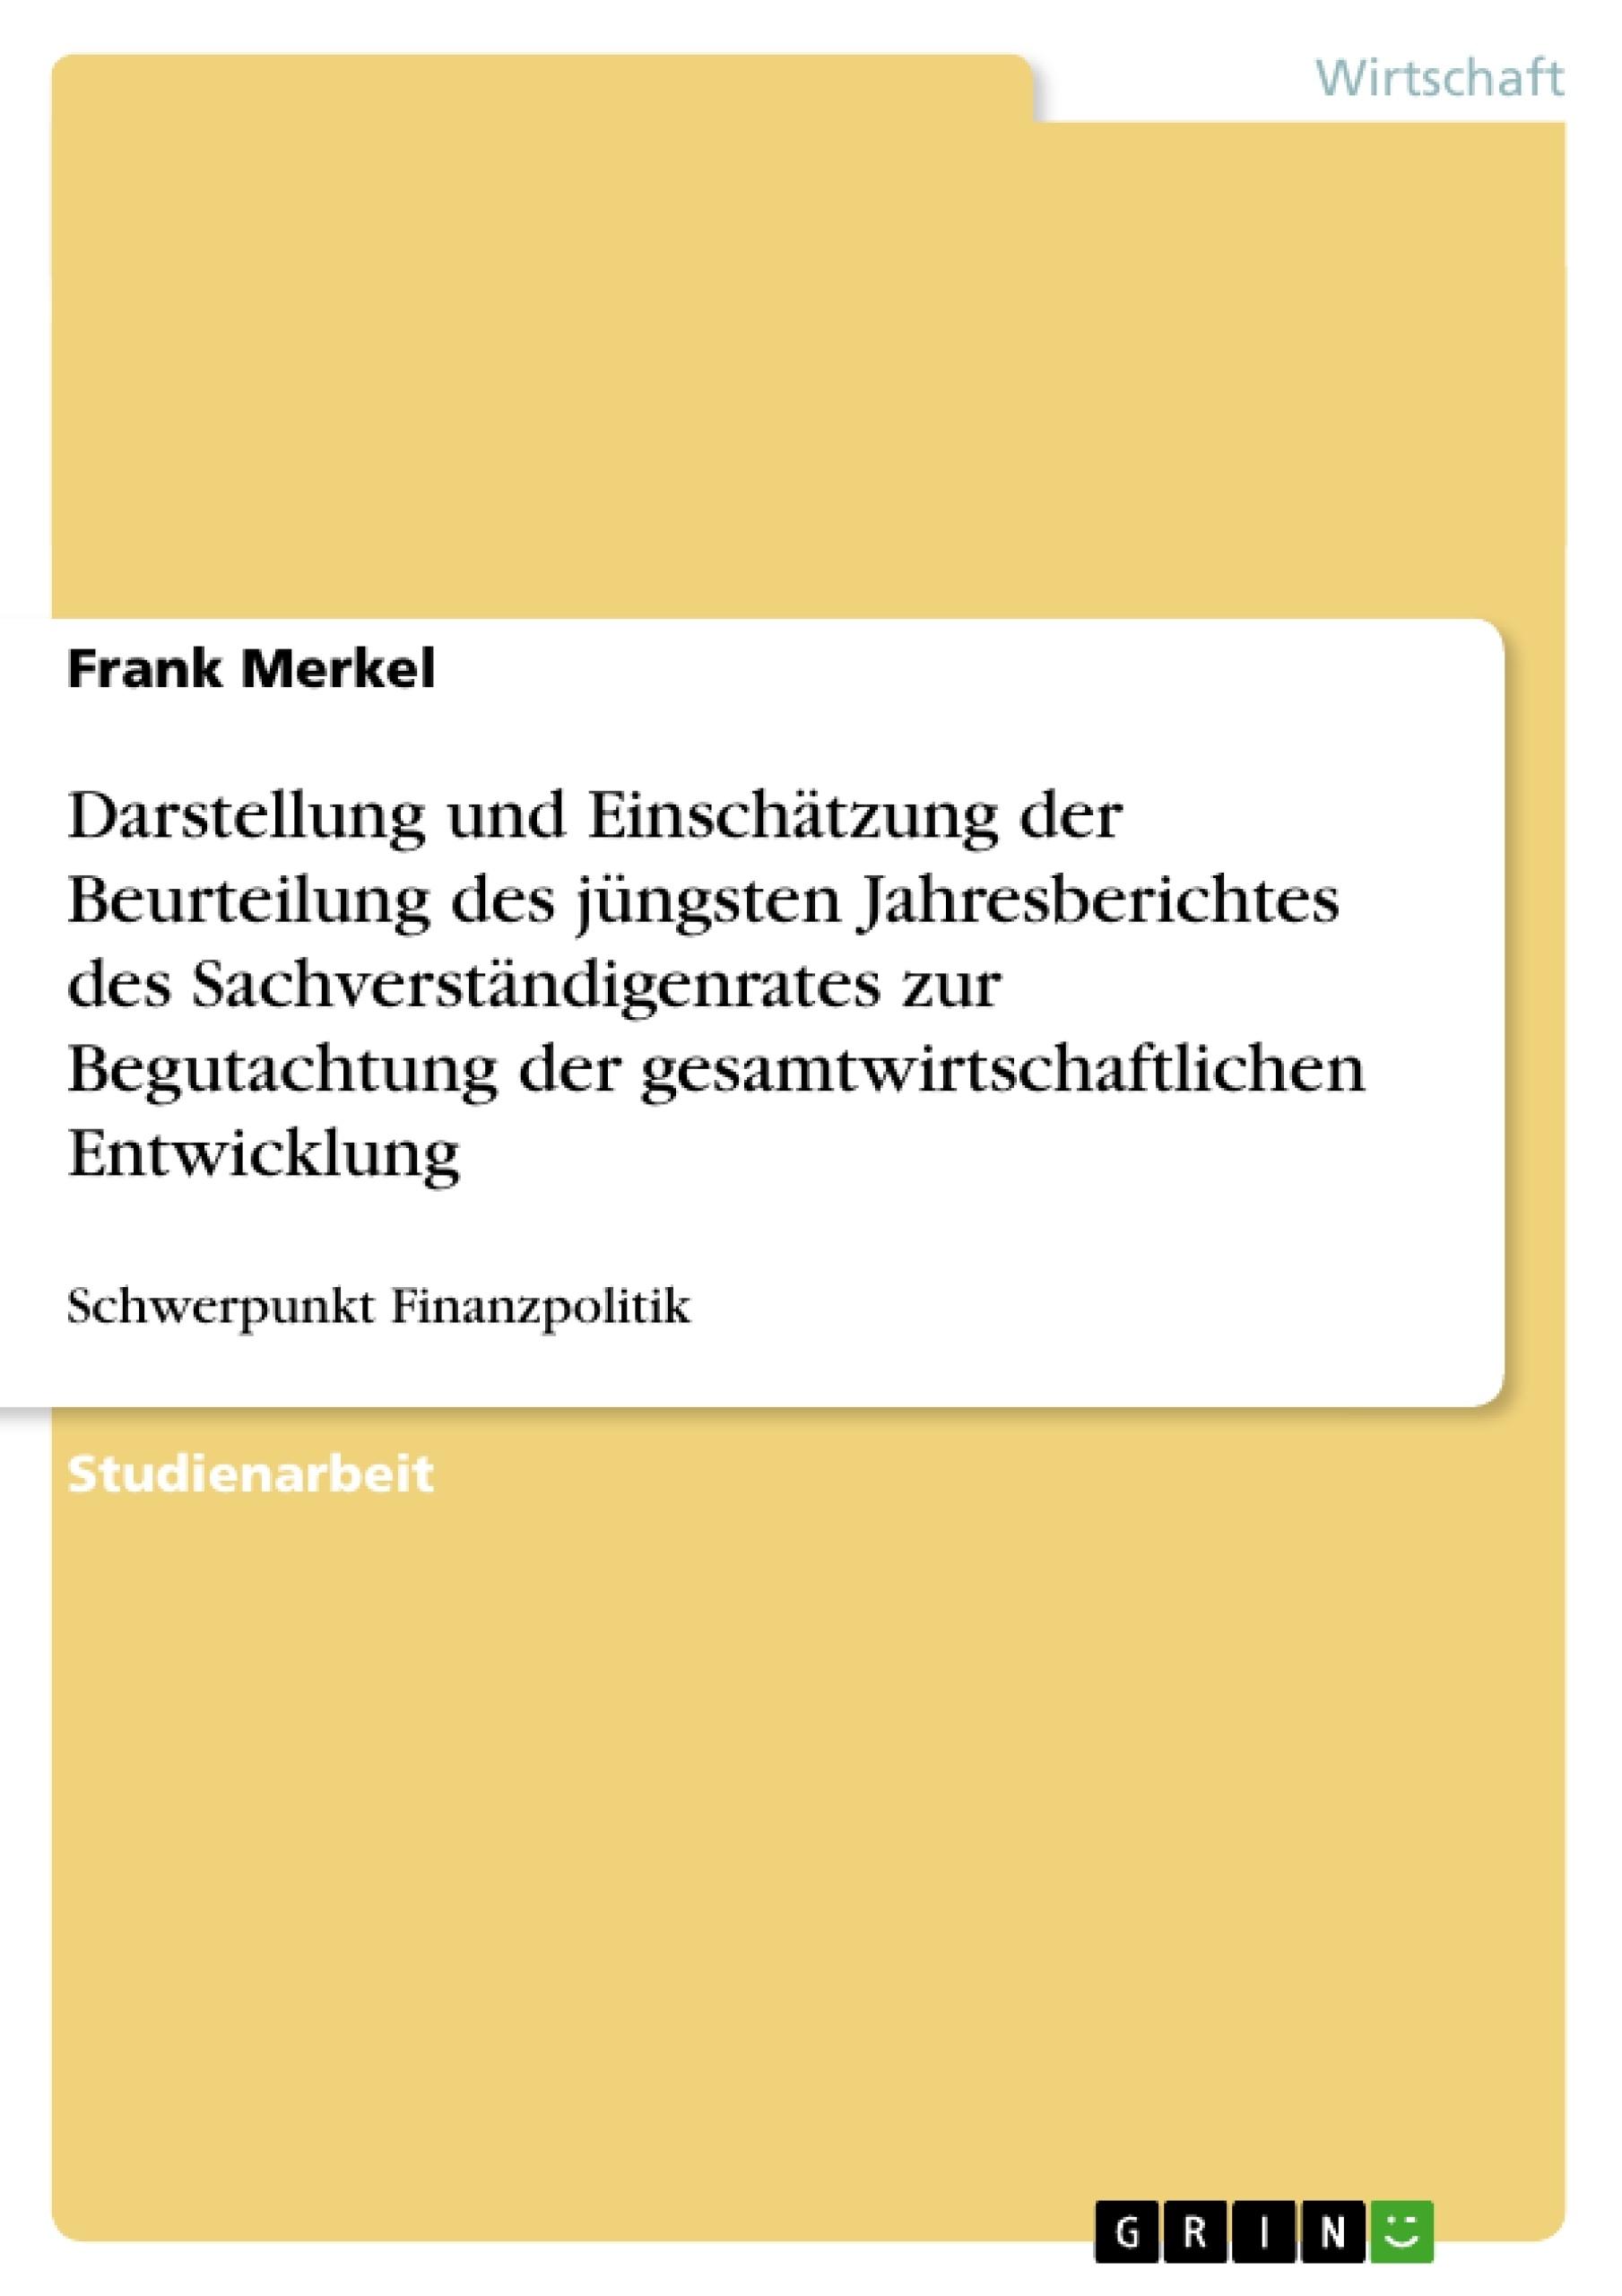 Titel: Darstellung und Einschätzung der Beurteilung des jüngsten Jahresberichtes des Sachverständigenrates zur Begutachtung der gesamtwirtschaftlichen Entwicklung